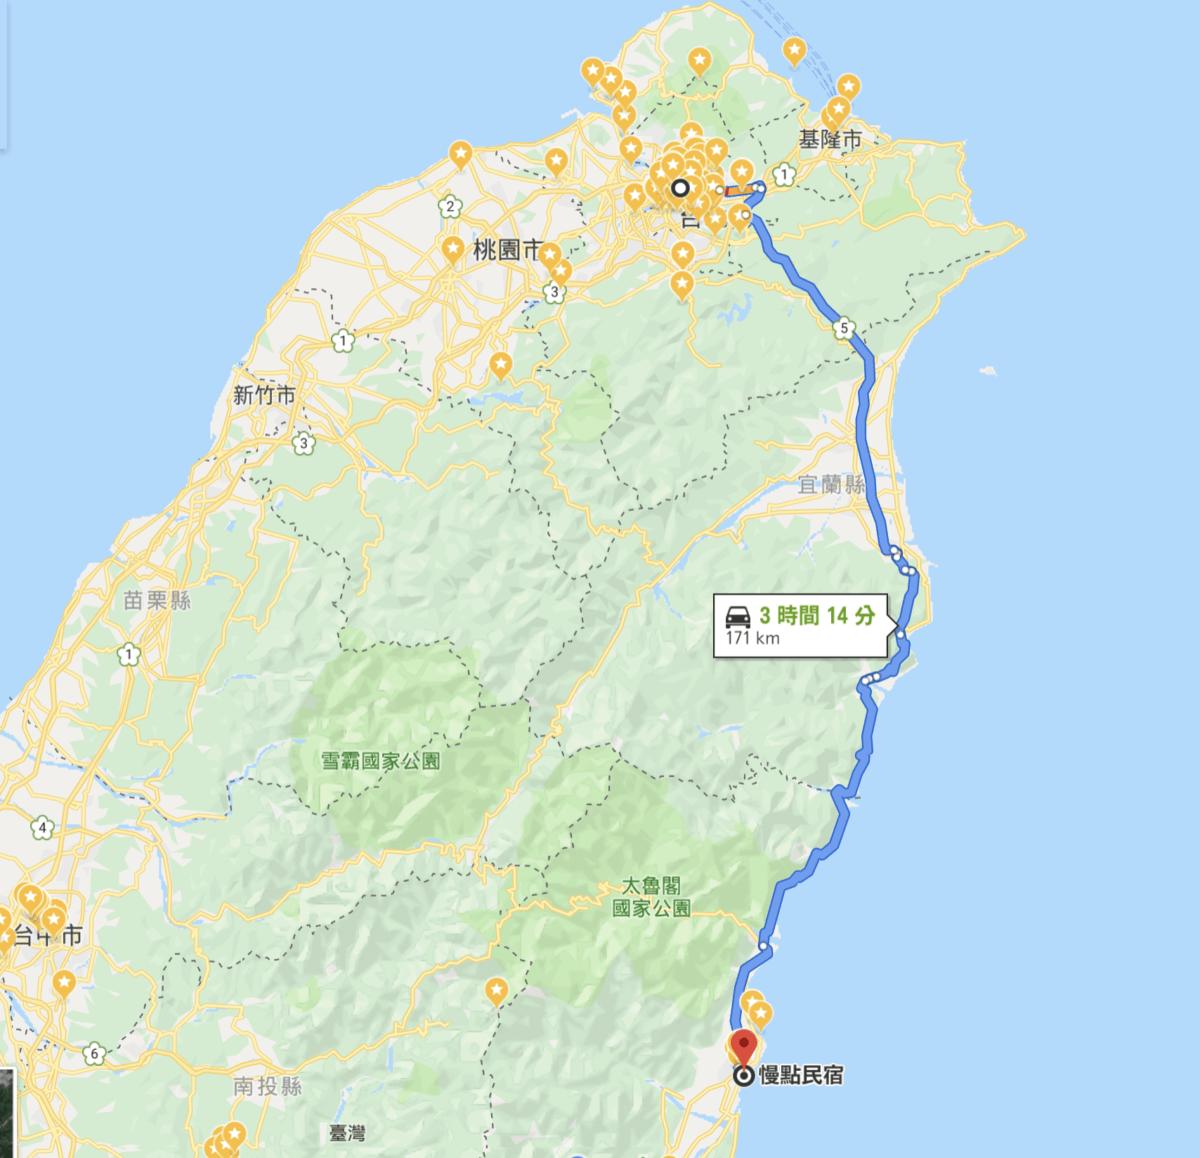 台北-花蓮ドライブマップ